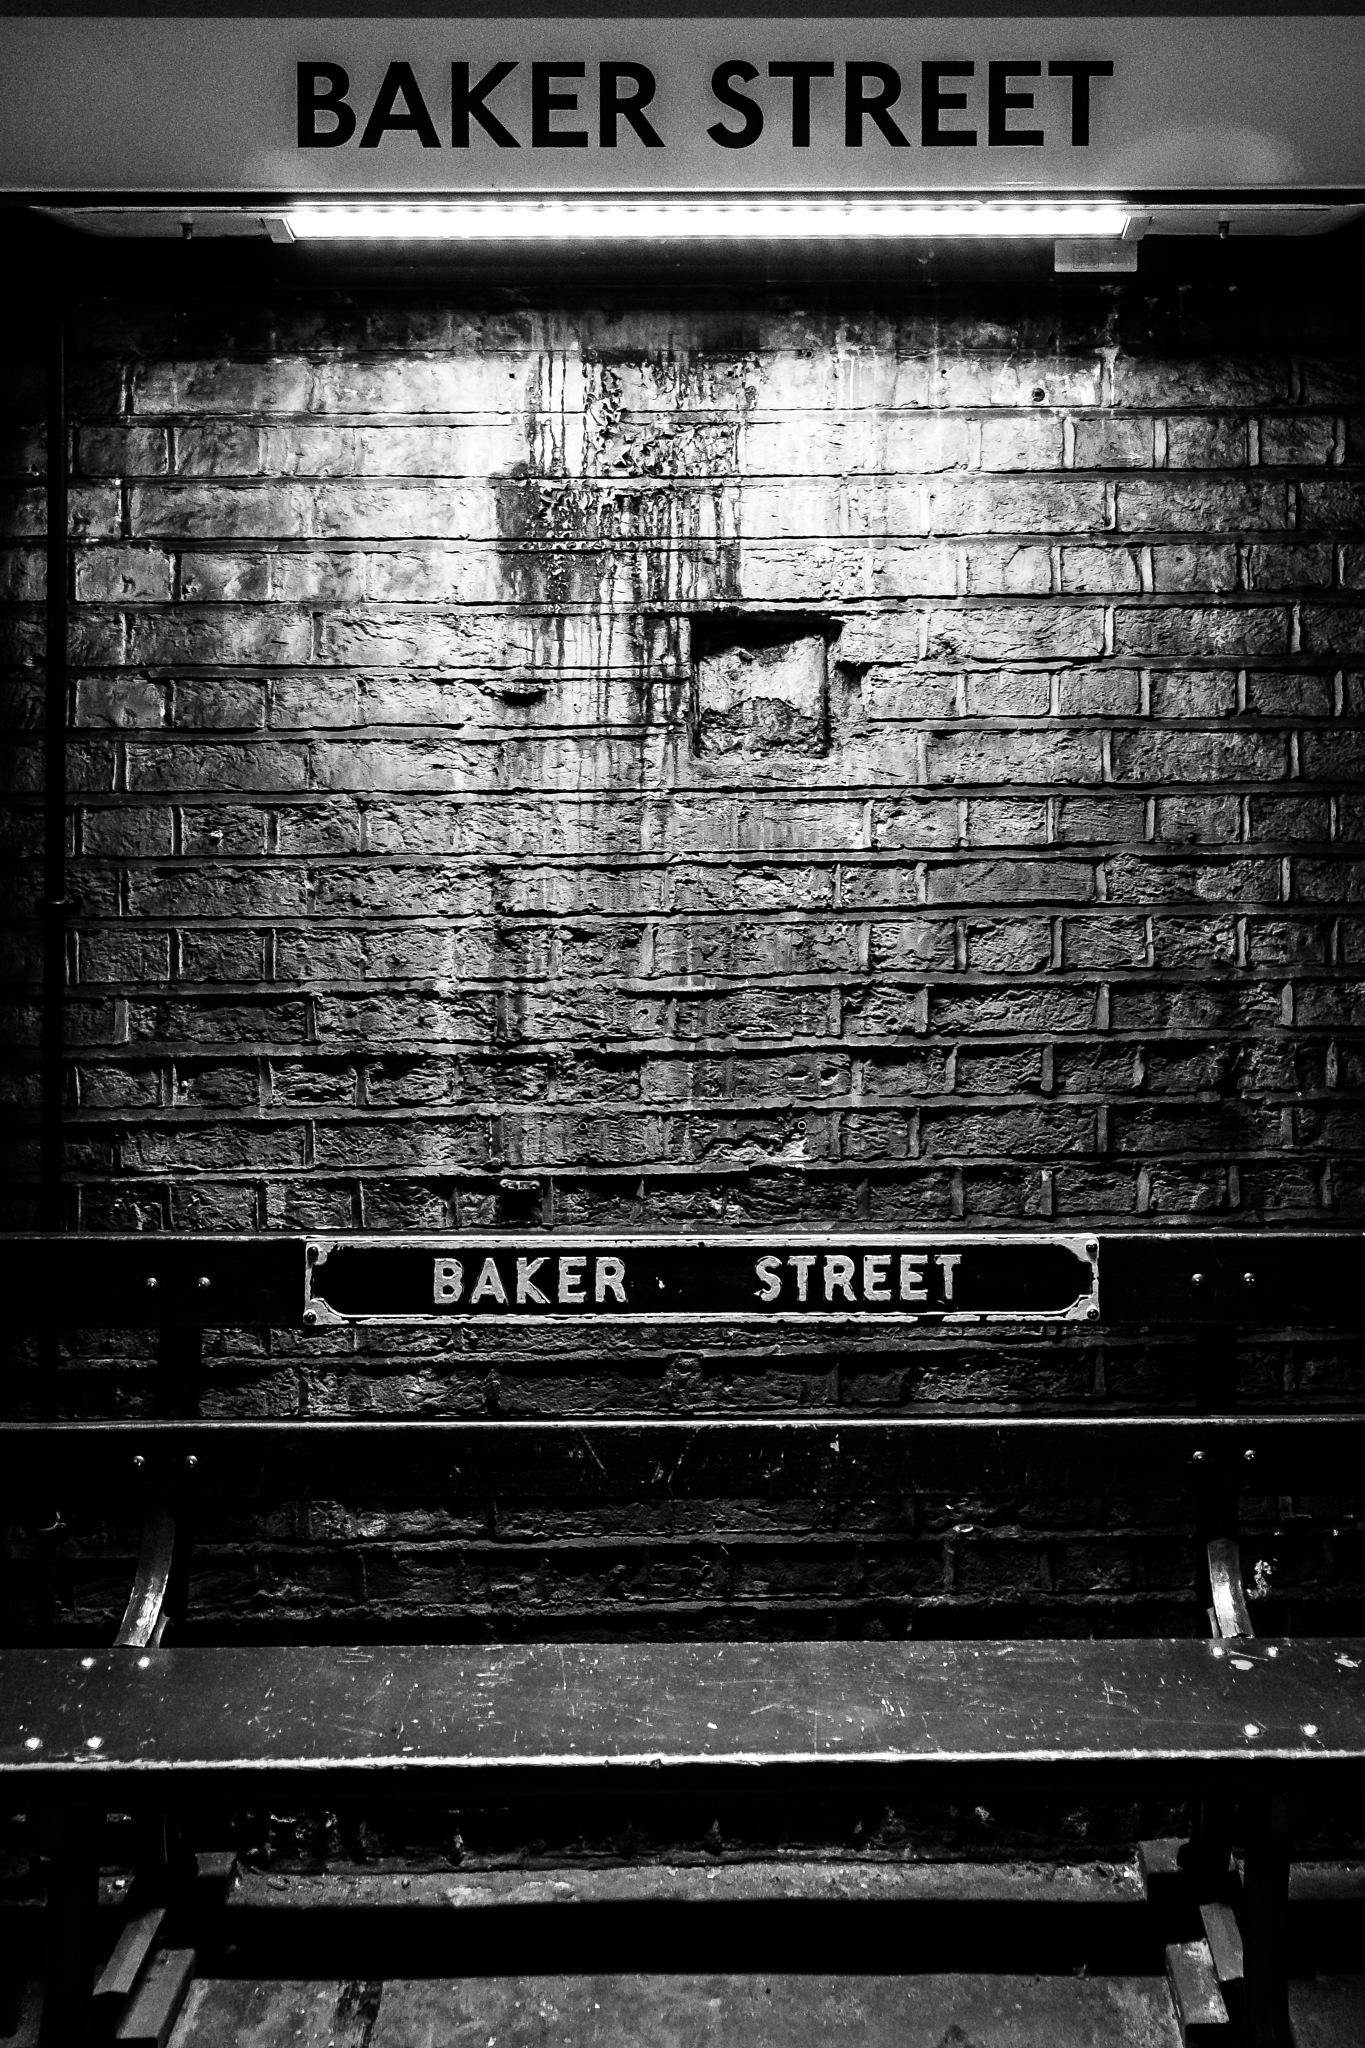 Baker Street Underground Station by Michael Schröder